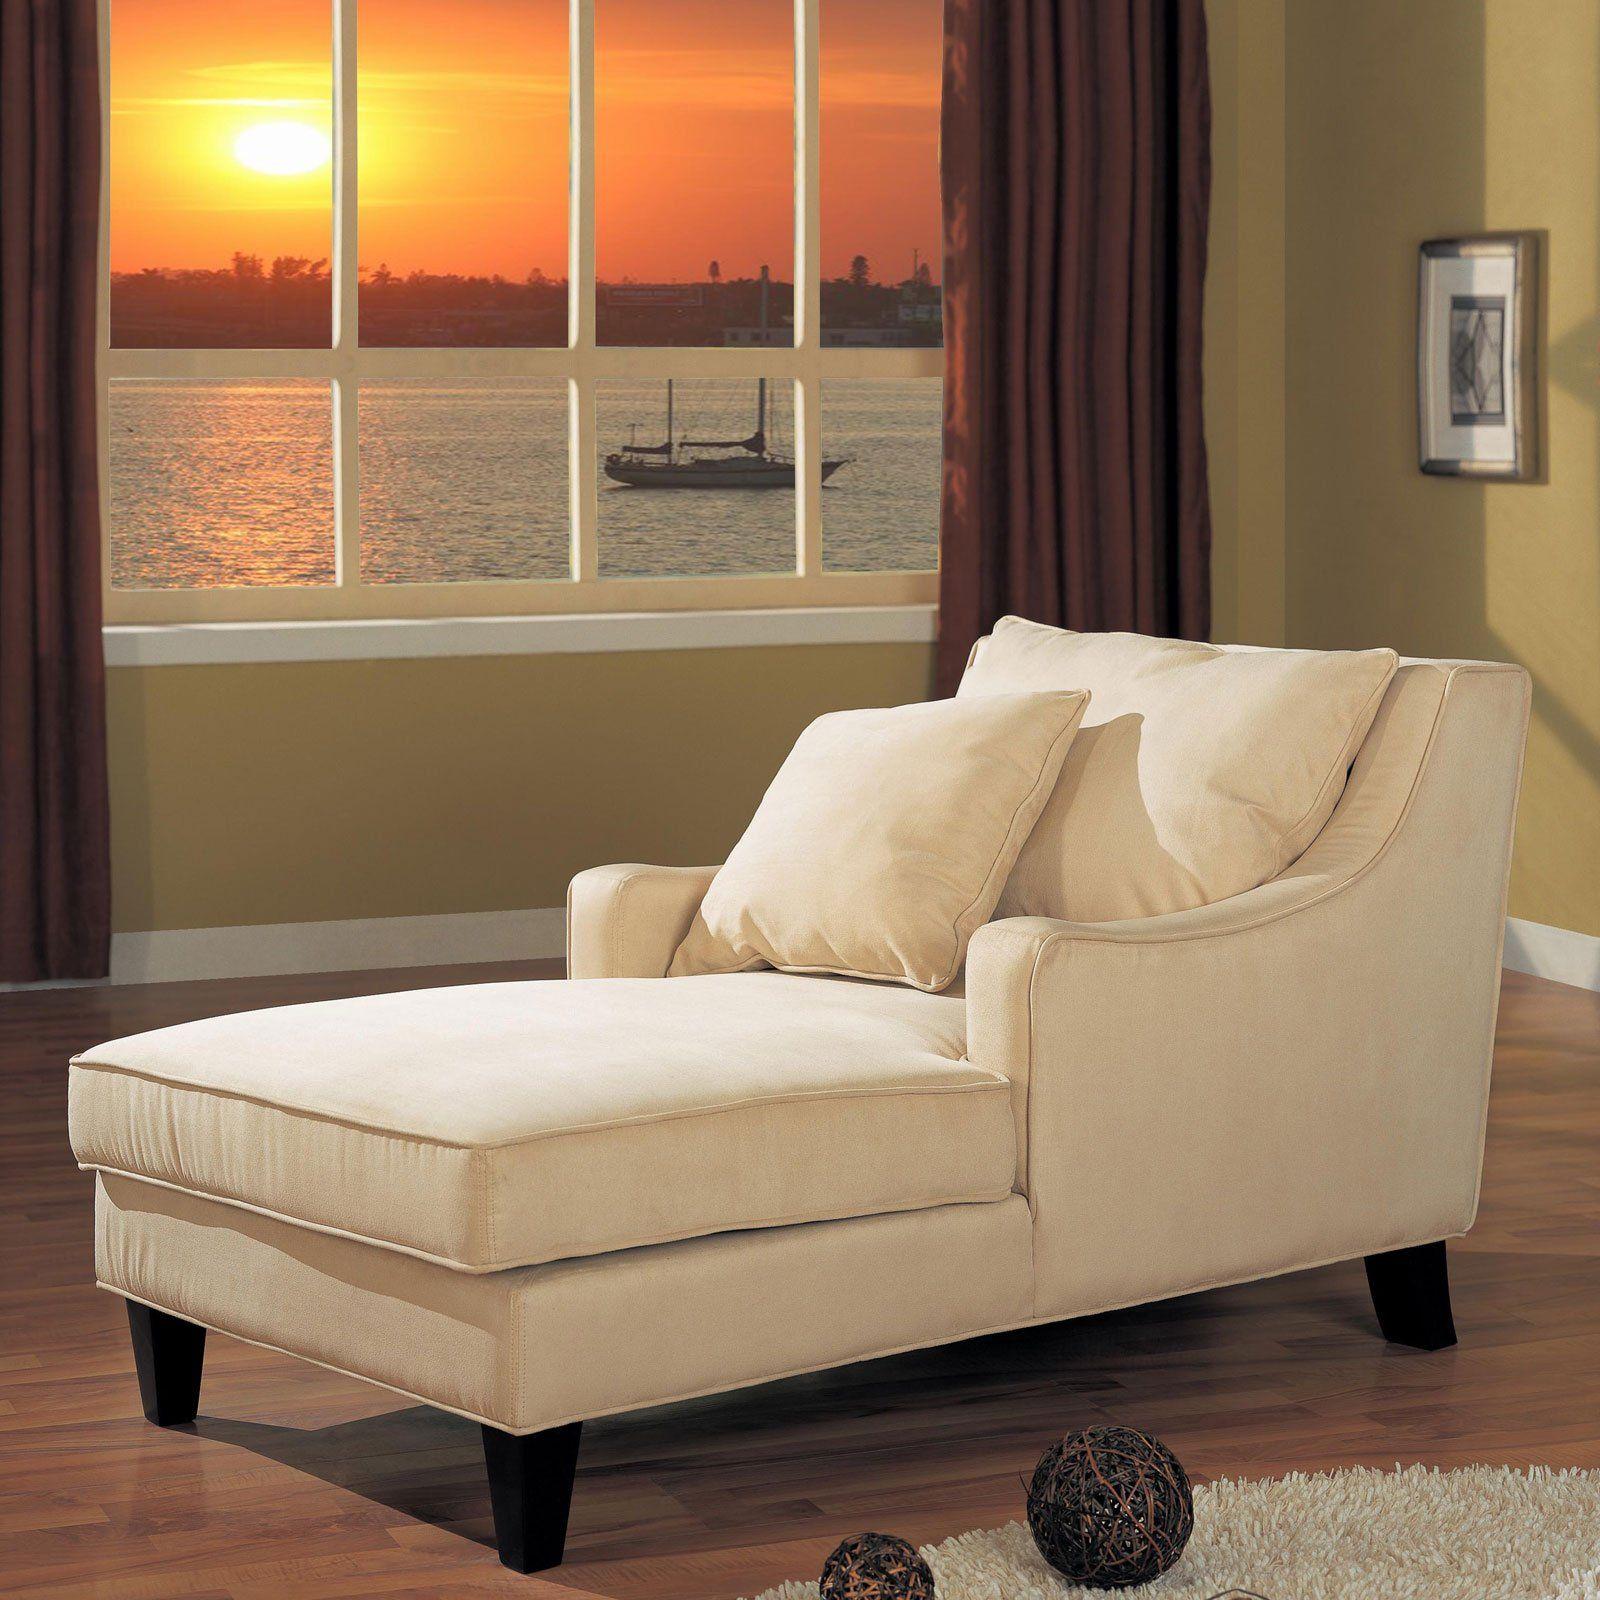 Indoor Liege Stühle Stühle In 2019